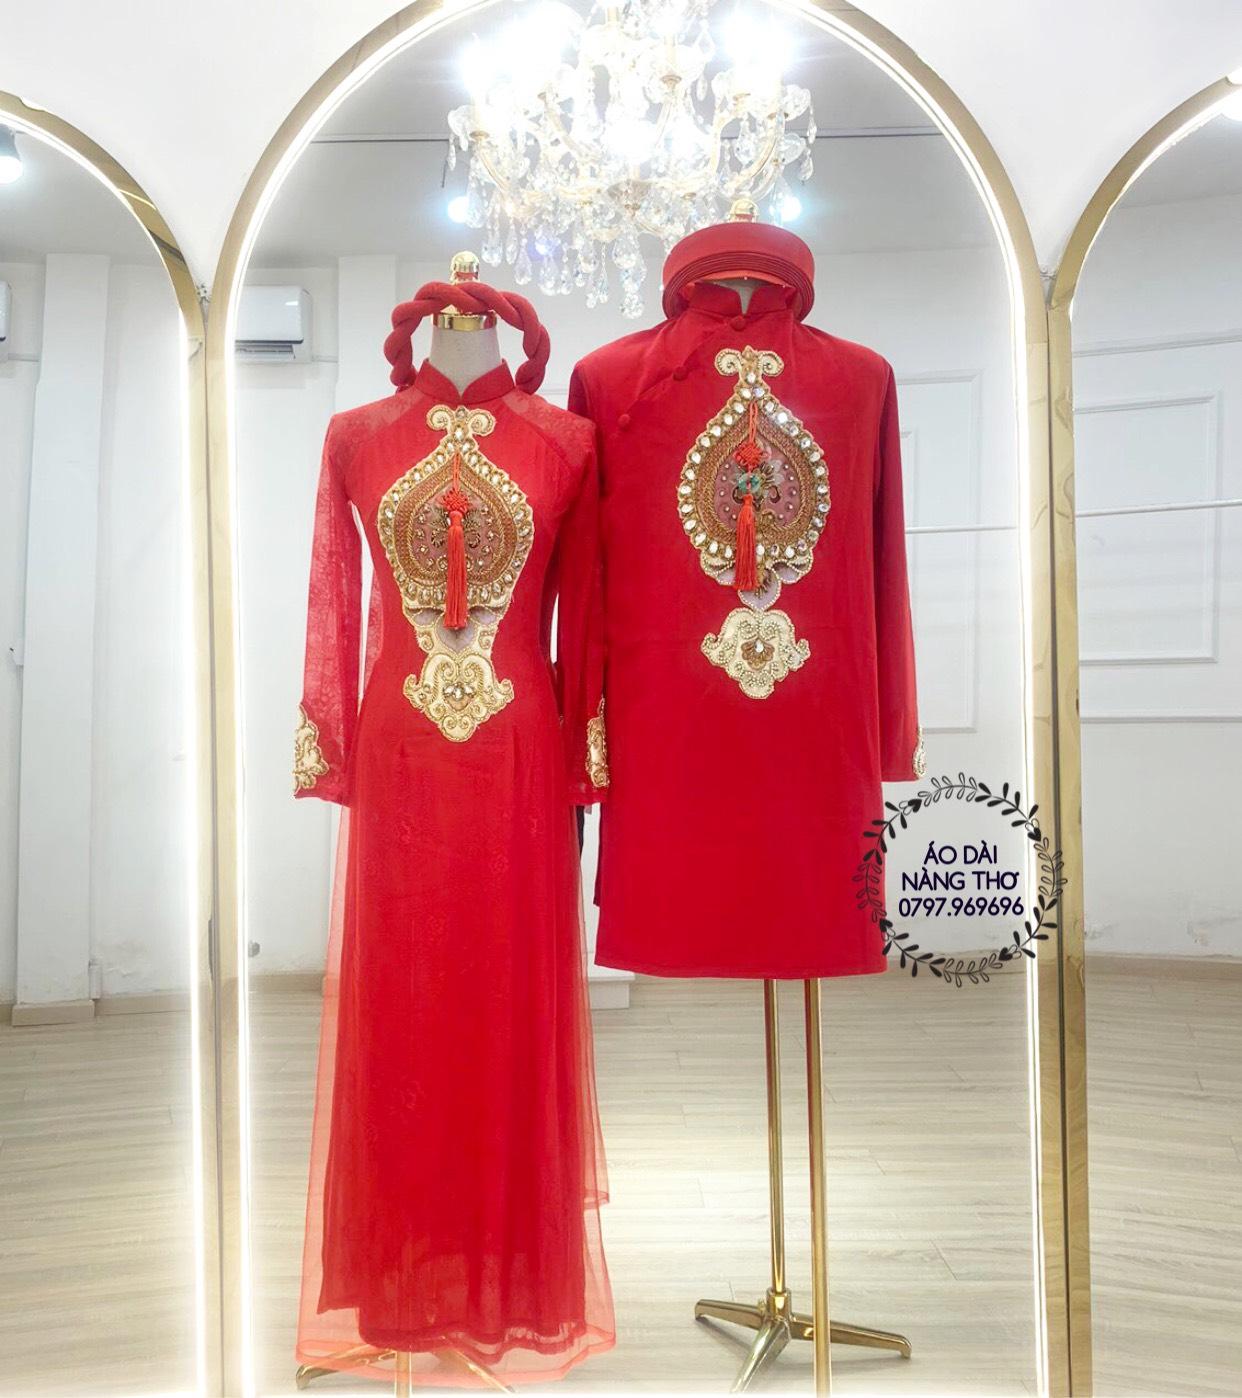 Áo dài Cưới Cặp Gấm Đỏ Kết Họa Tiết Đính Hạt Pha Lê Cao Cấp